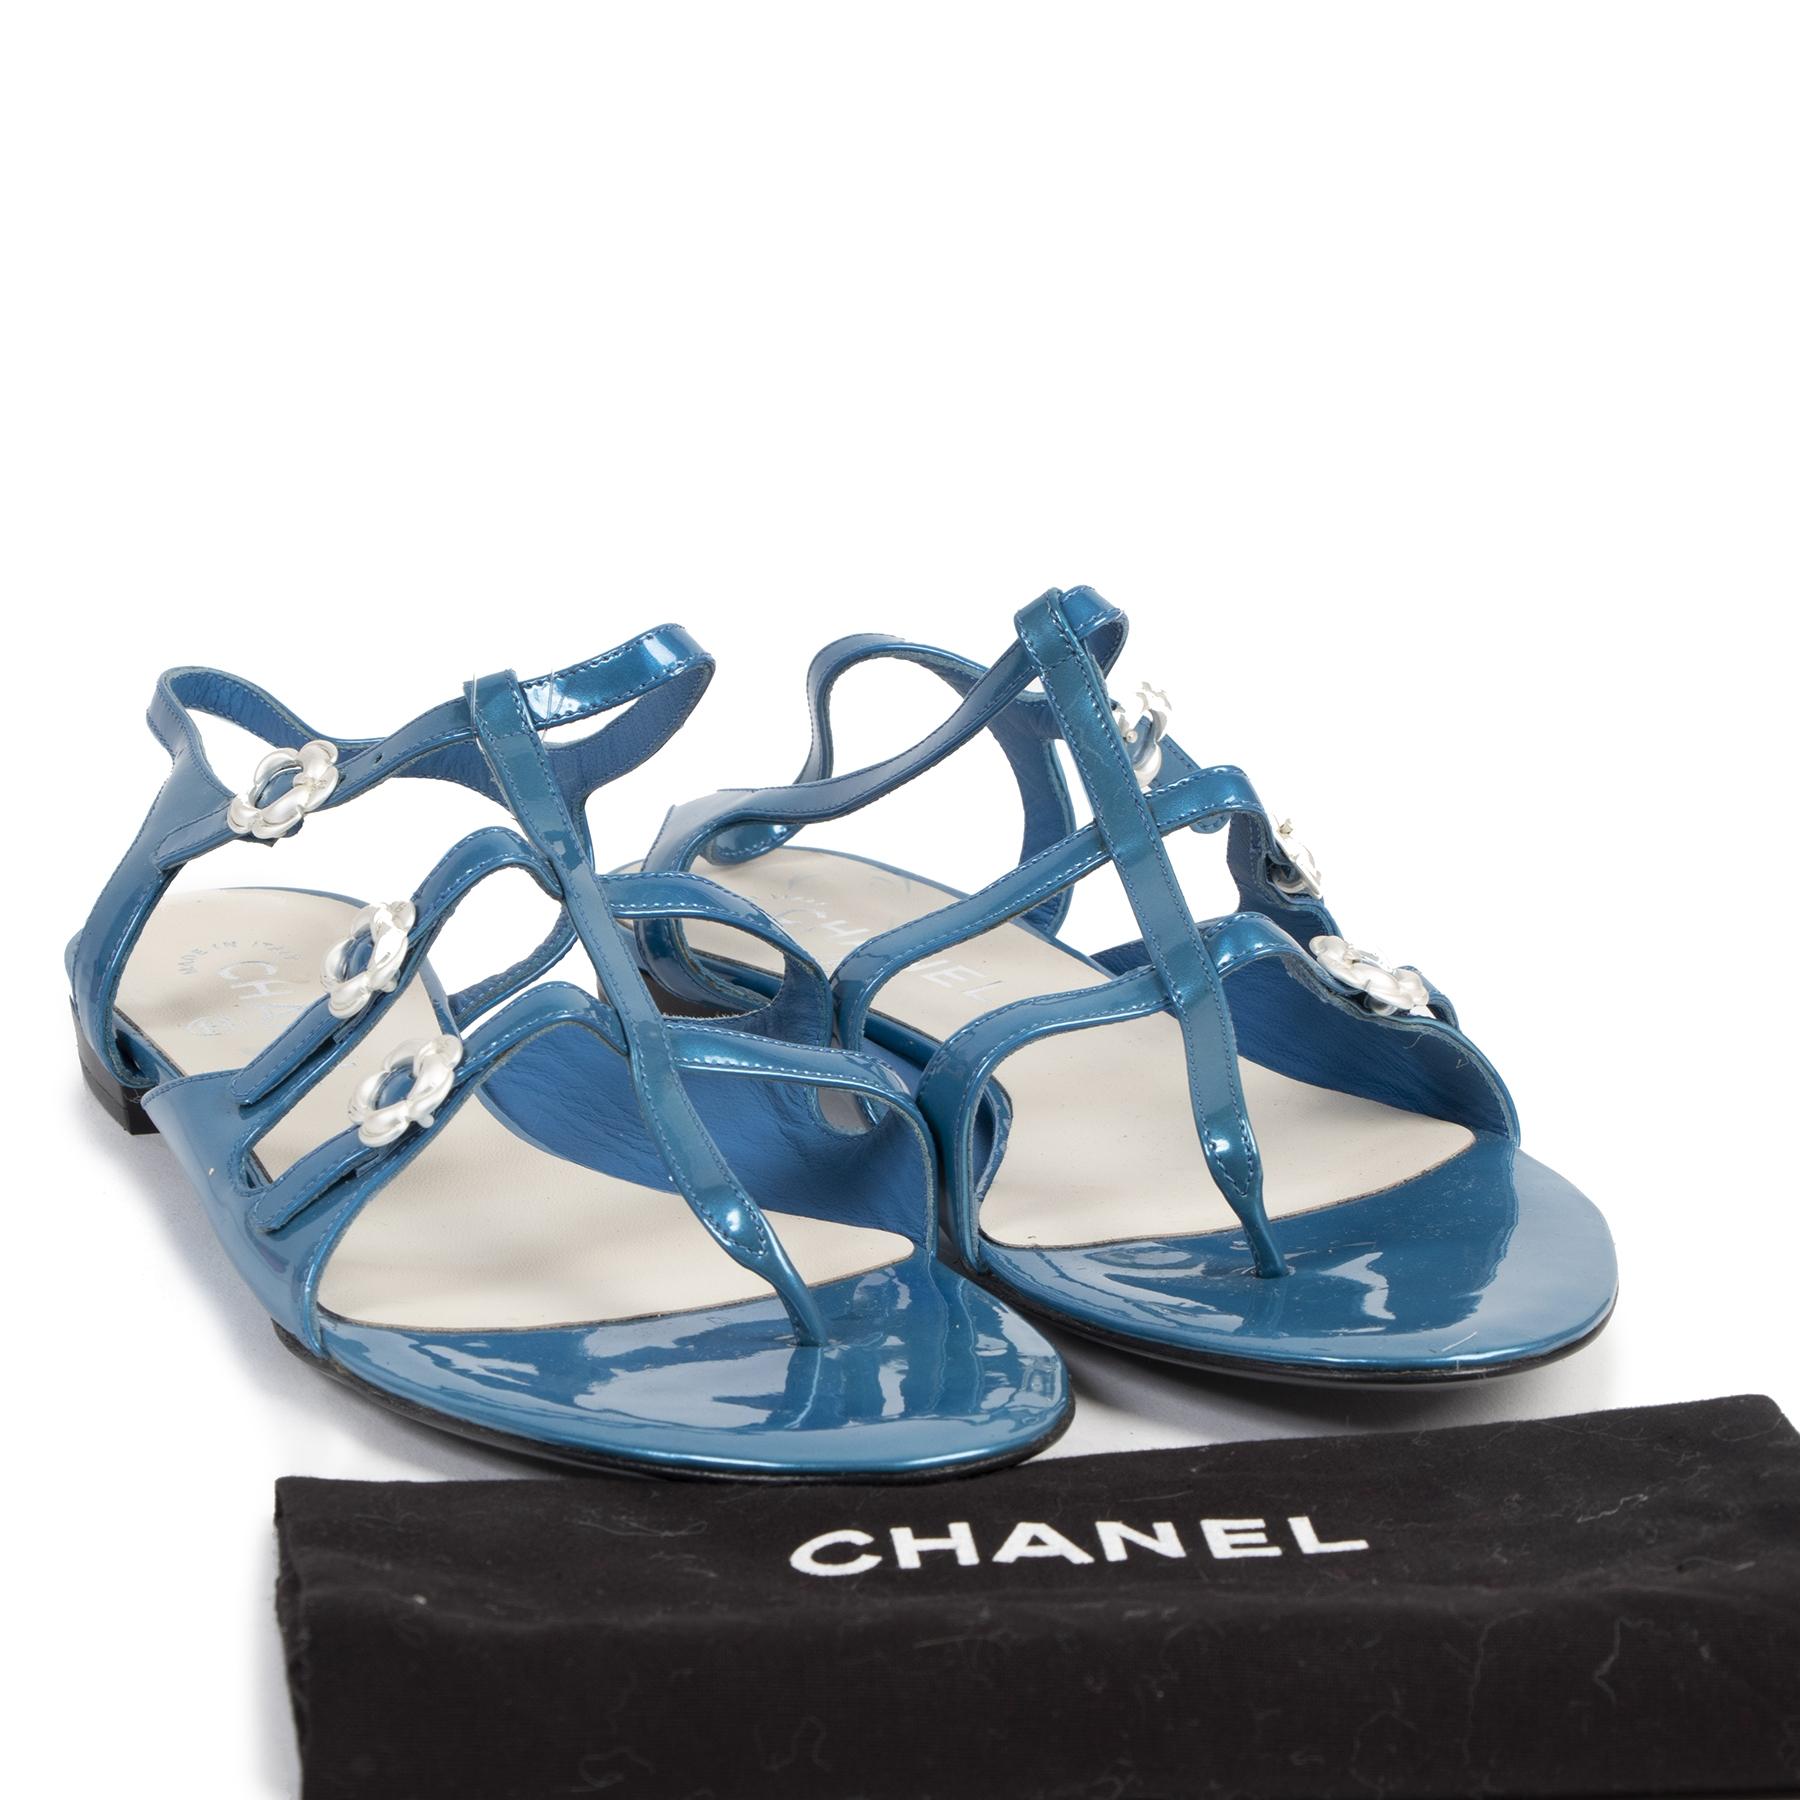 Authentieke Tweedehands Chanel Blue Patent Leather Sandals - Size 40 juiste prijs veilig online shoppen luxe merken webshop winkelen Antwerpen België mode fashion